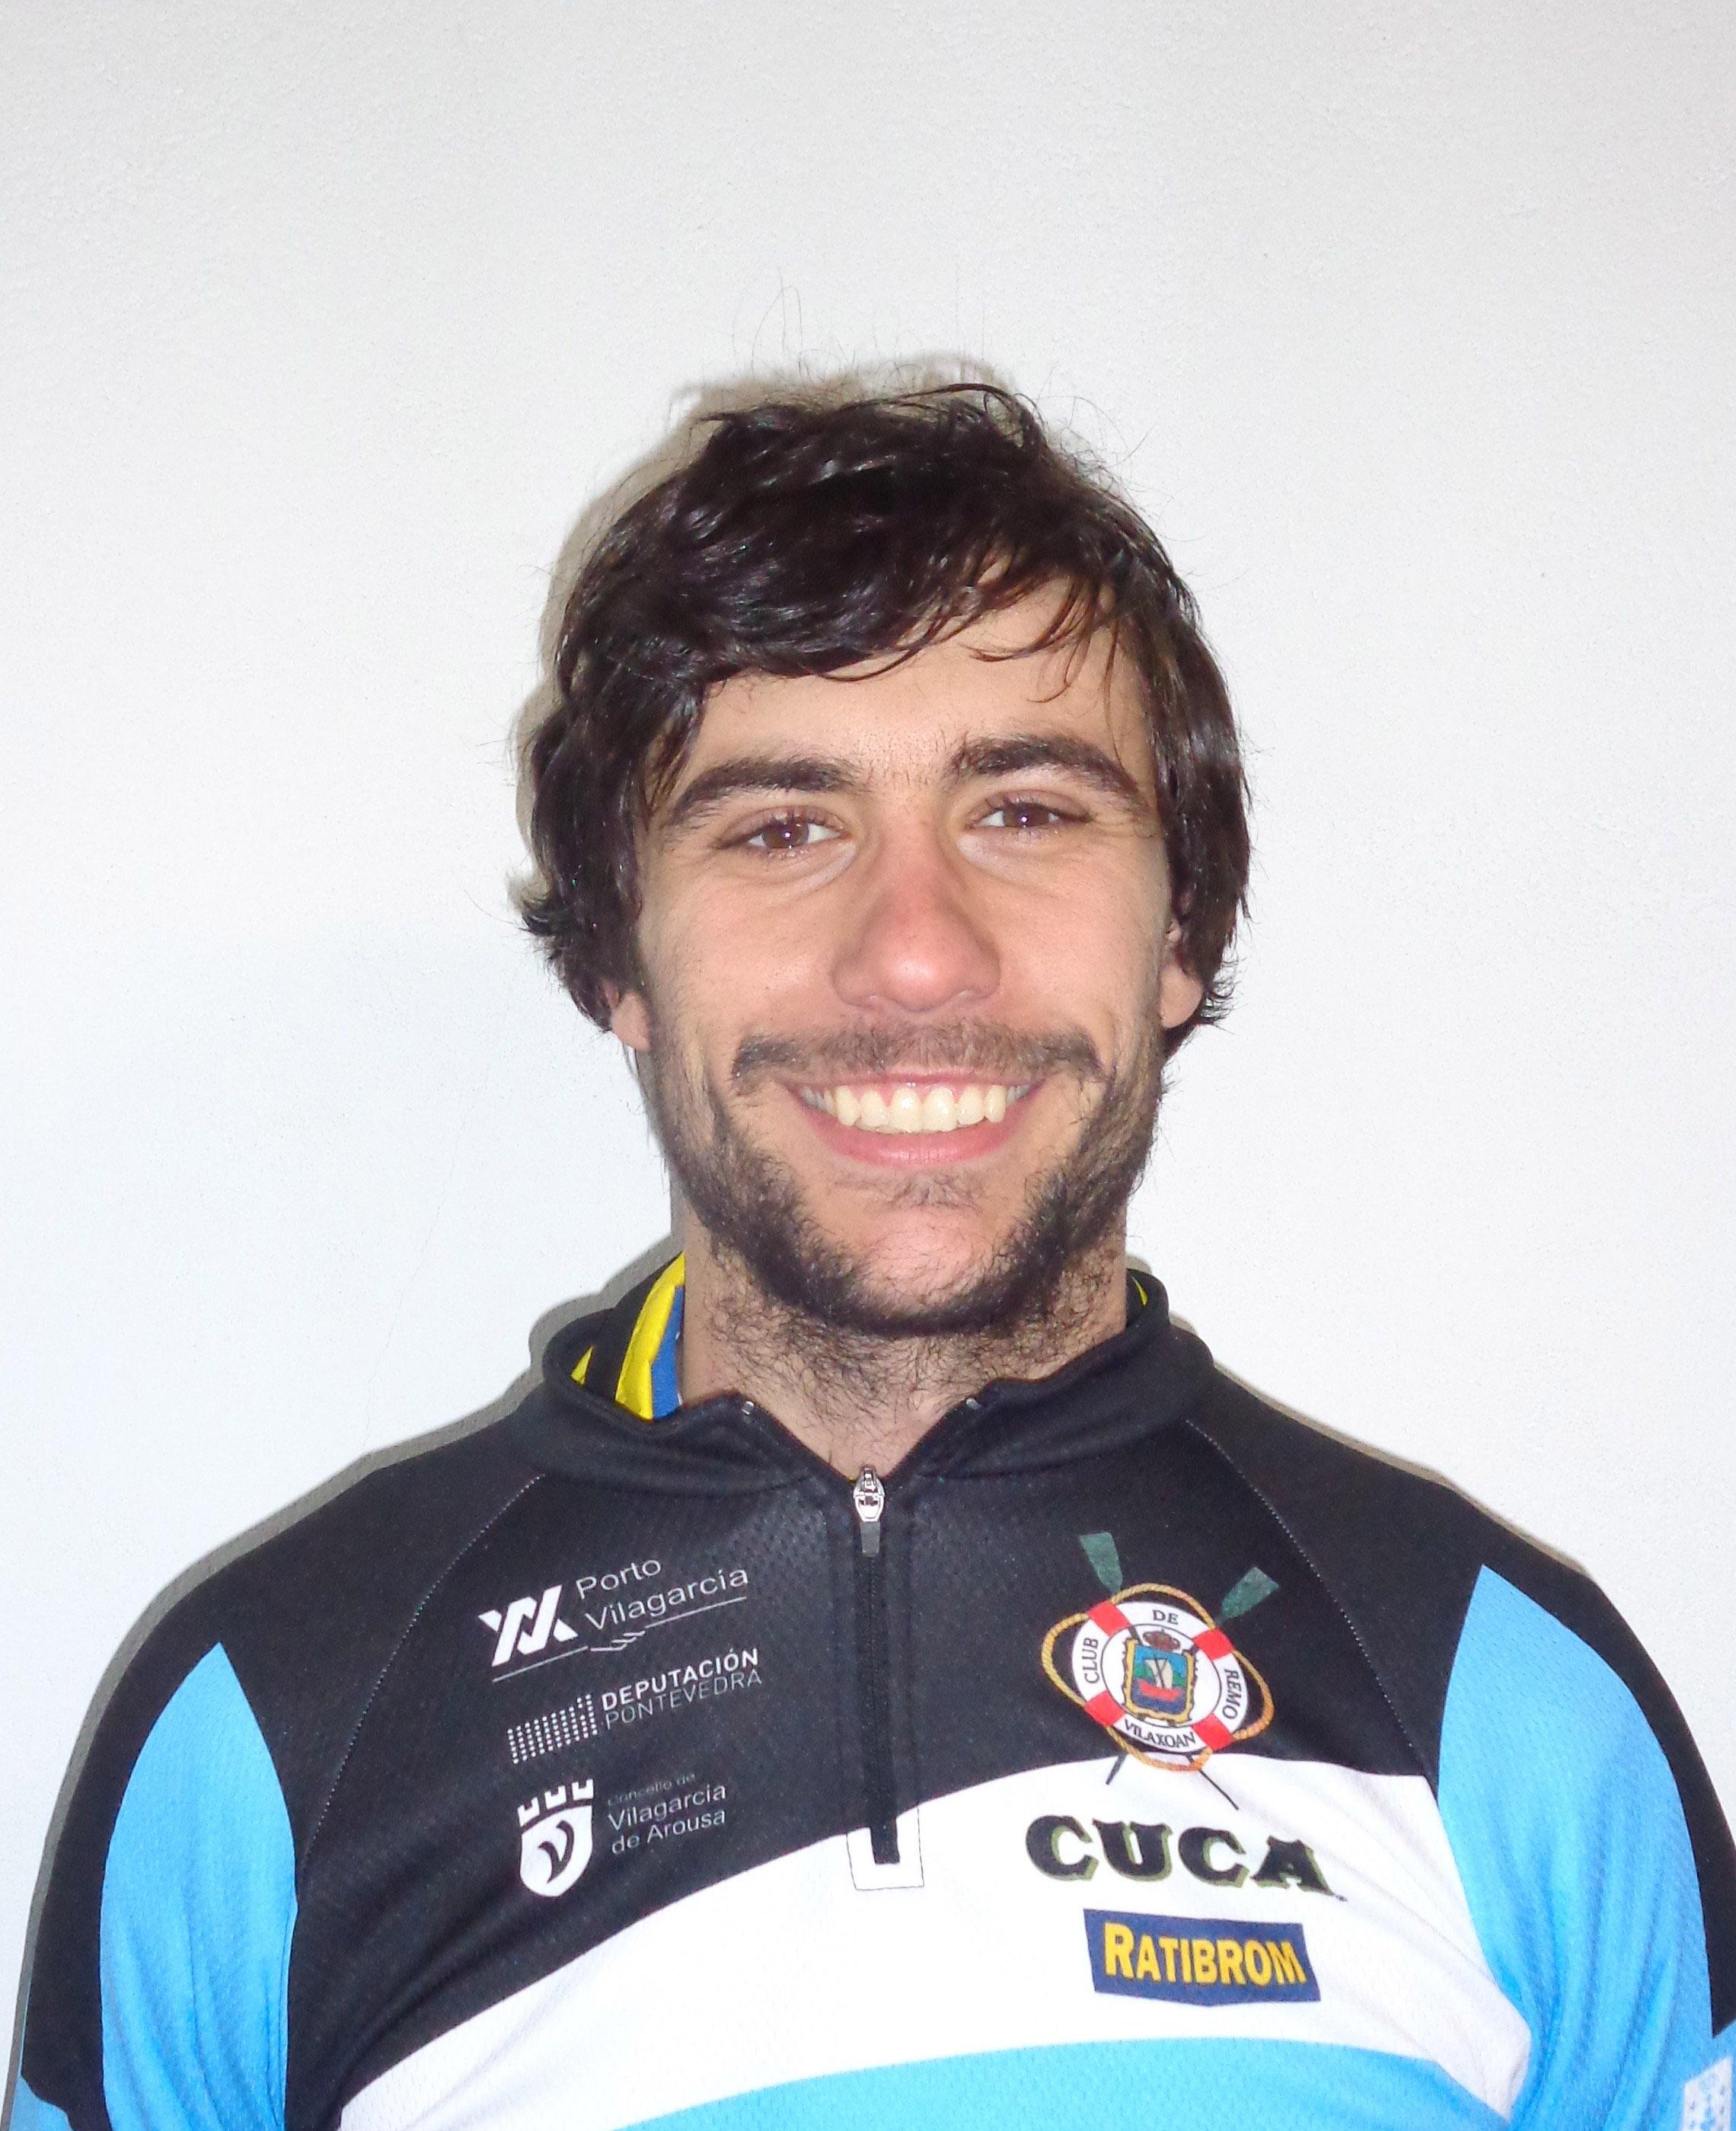 Pablo Piñeiro - NON PROPIO